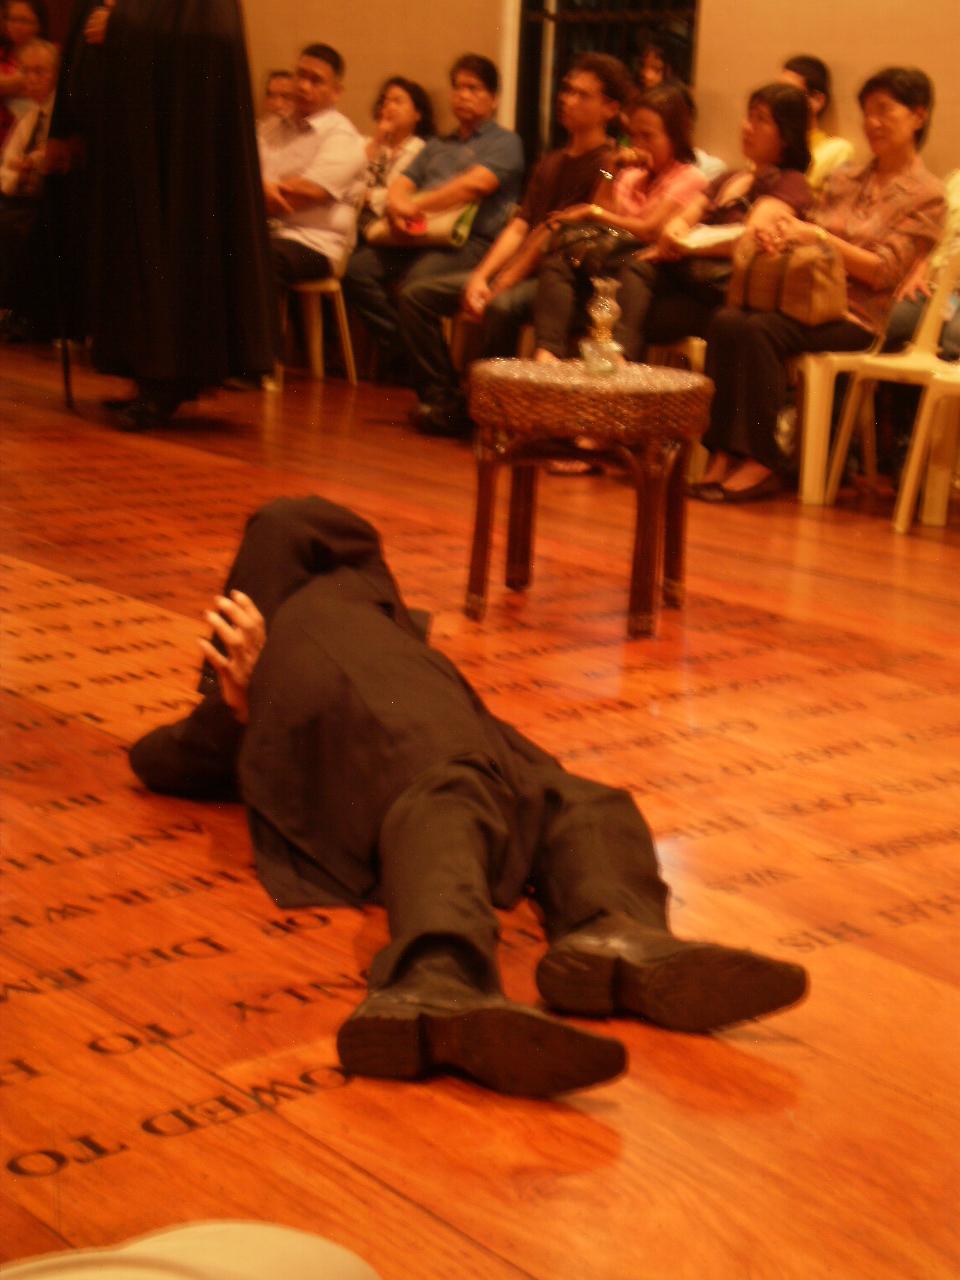 reaction in mi ultimo adios Noong ika-29 ng disyembre, 1896, sinulat ni rizal ang kanyang mi ultimo adios (huling paalam) isang tulang kakikitaan ng magigiting na kaisipan at damdamin.